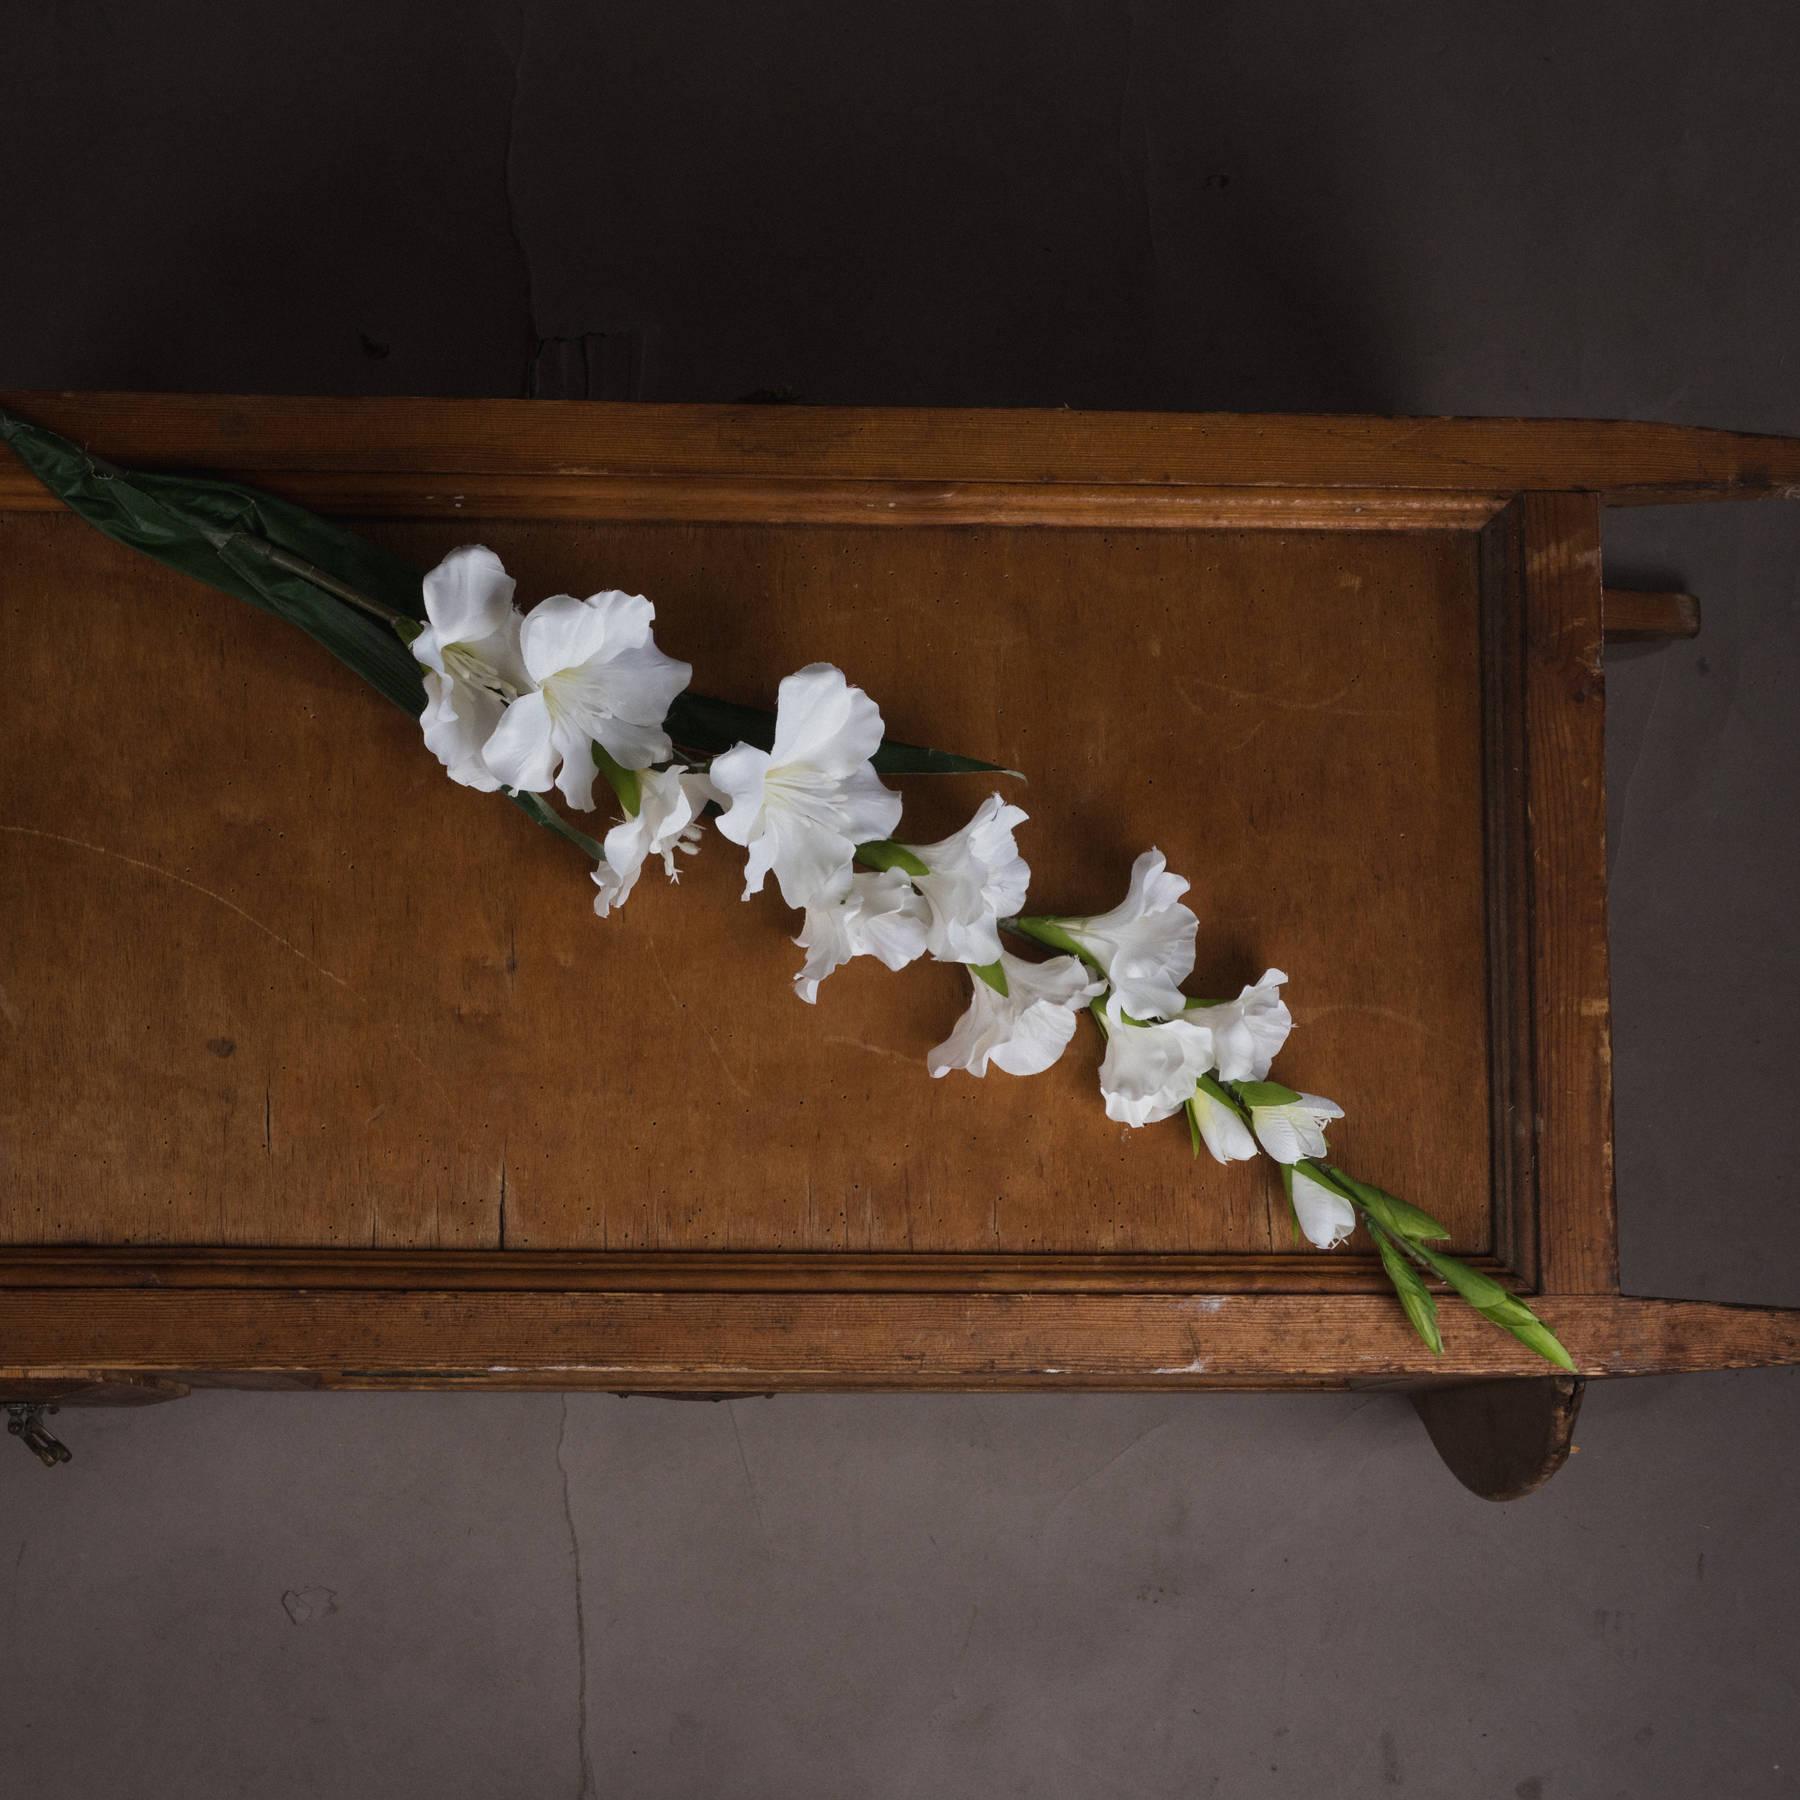 White Gladioli - Image 2